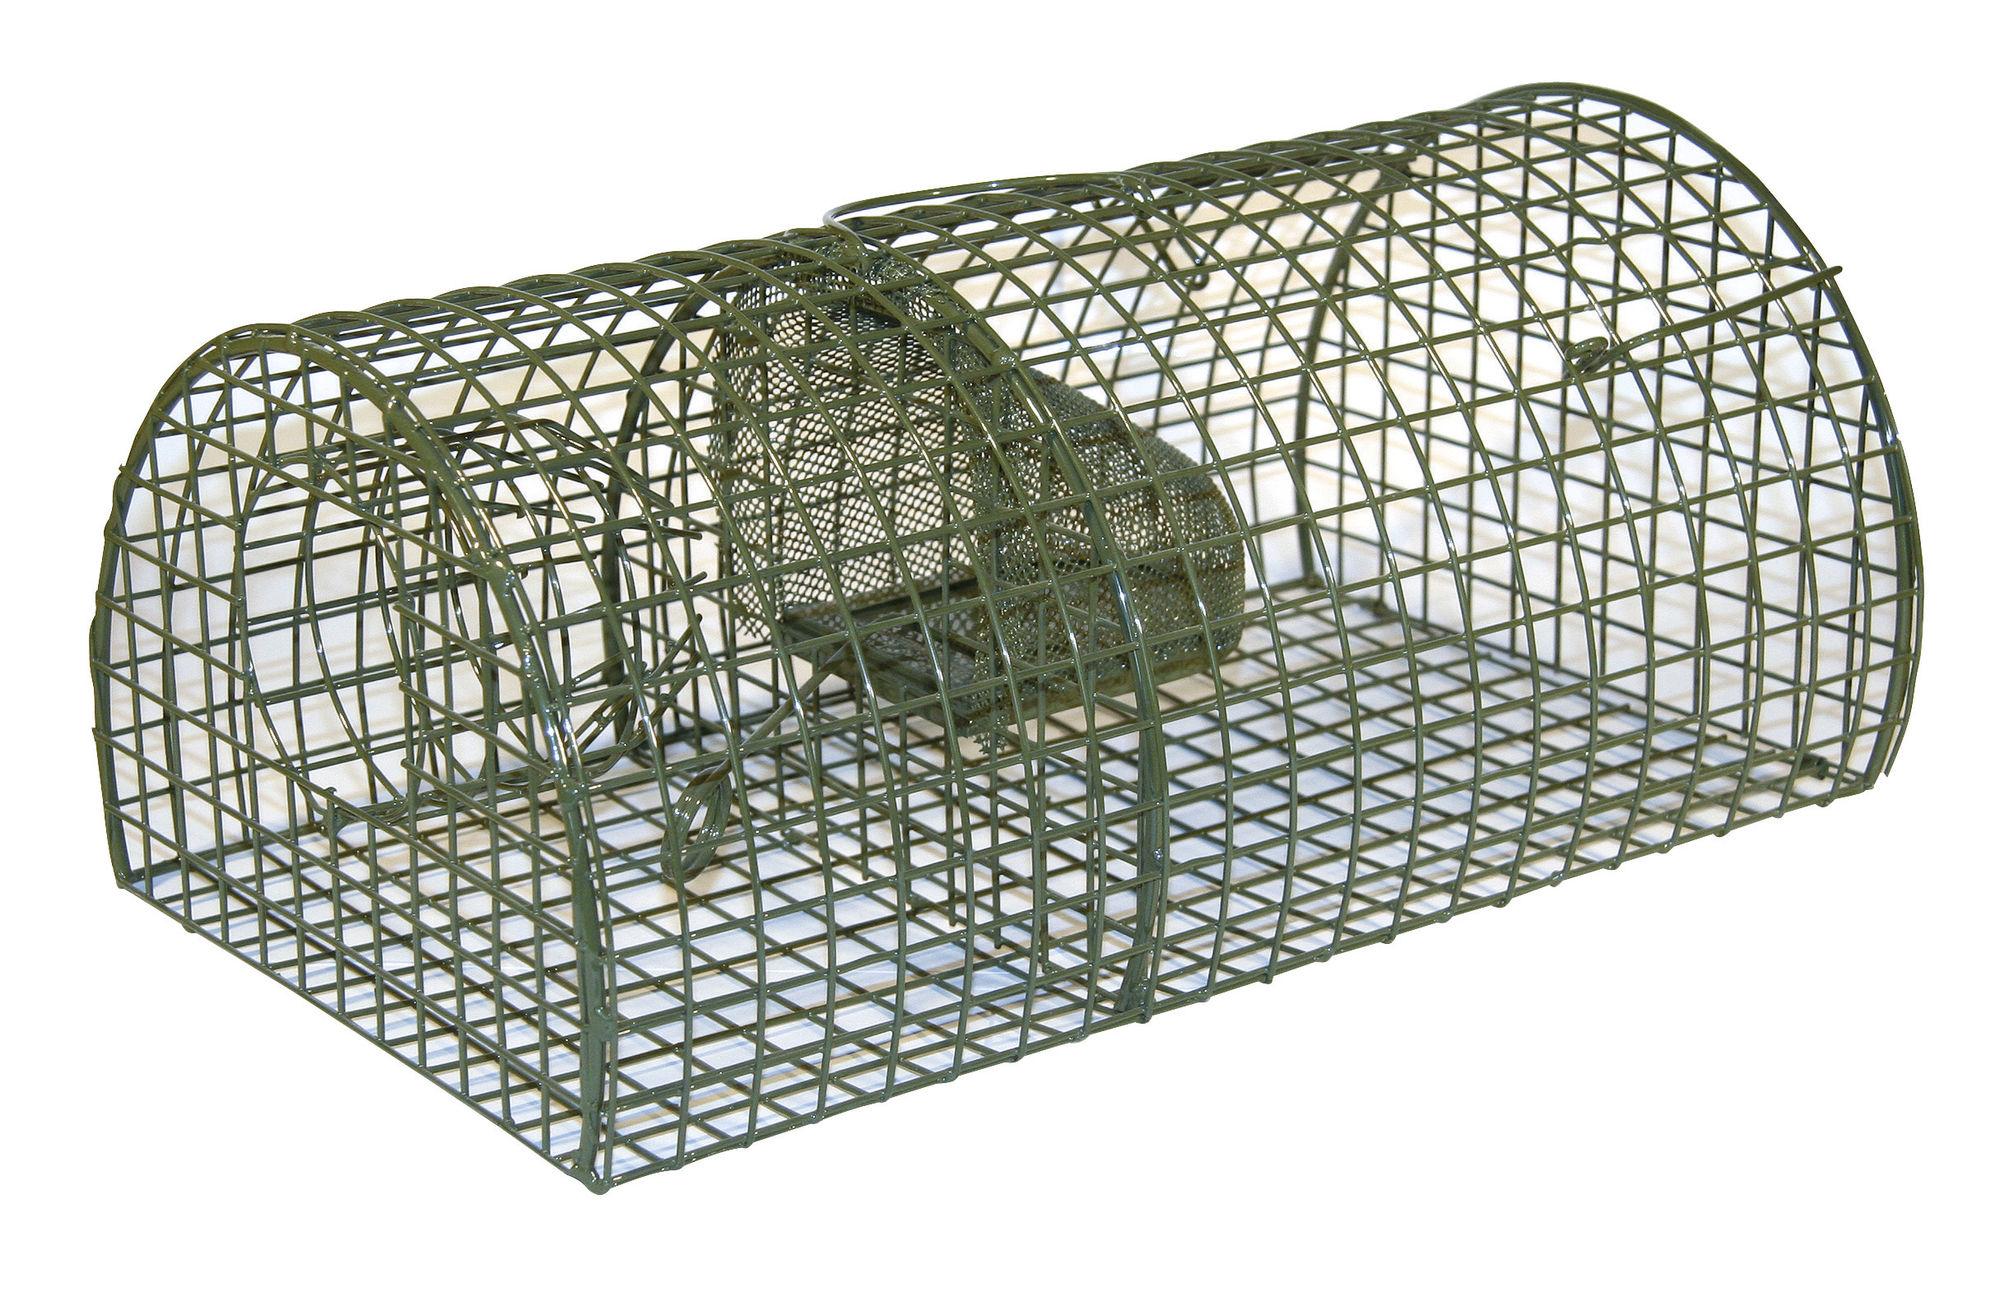 Ratten-Massenfänger MultiRat, halbrund, Länge 40cm